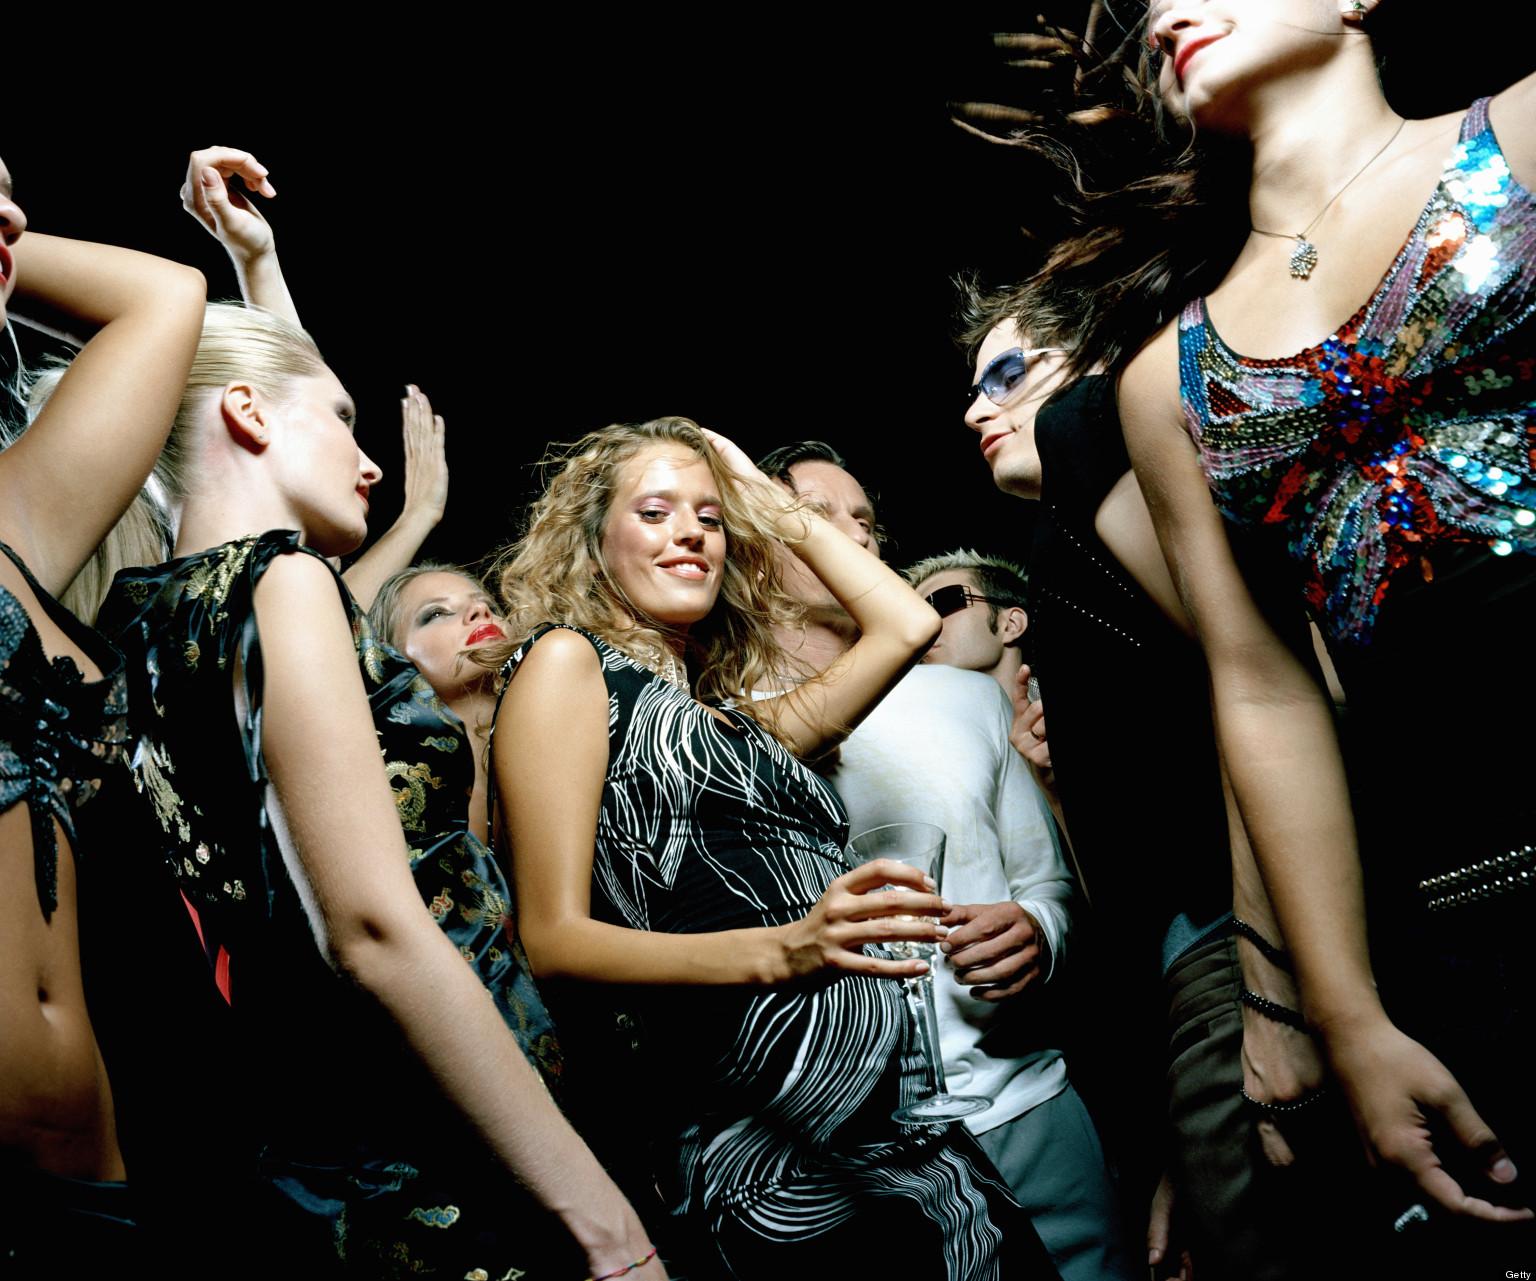 Частная вечеринка в клубе 14 фотография